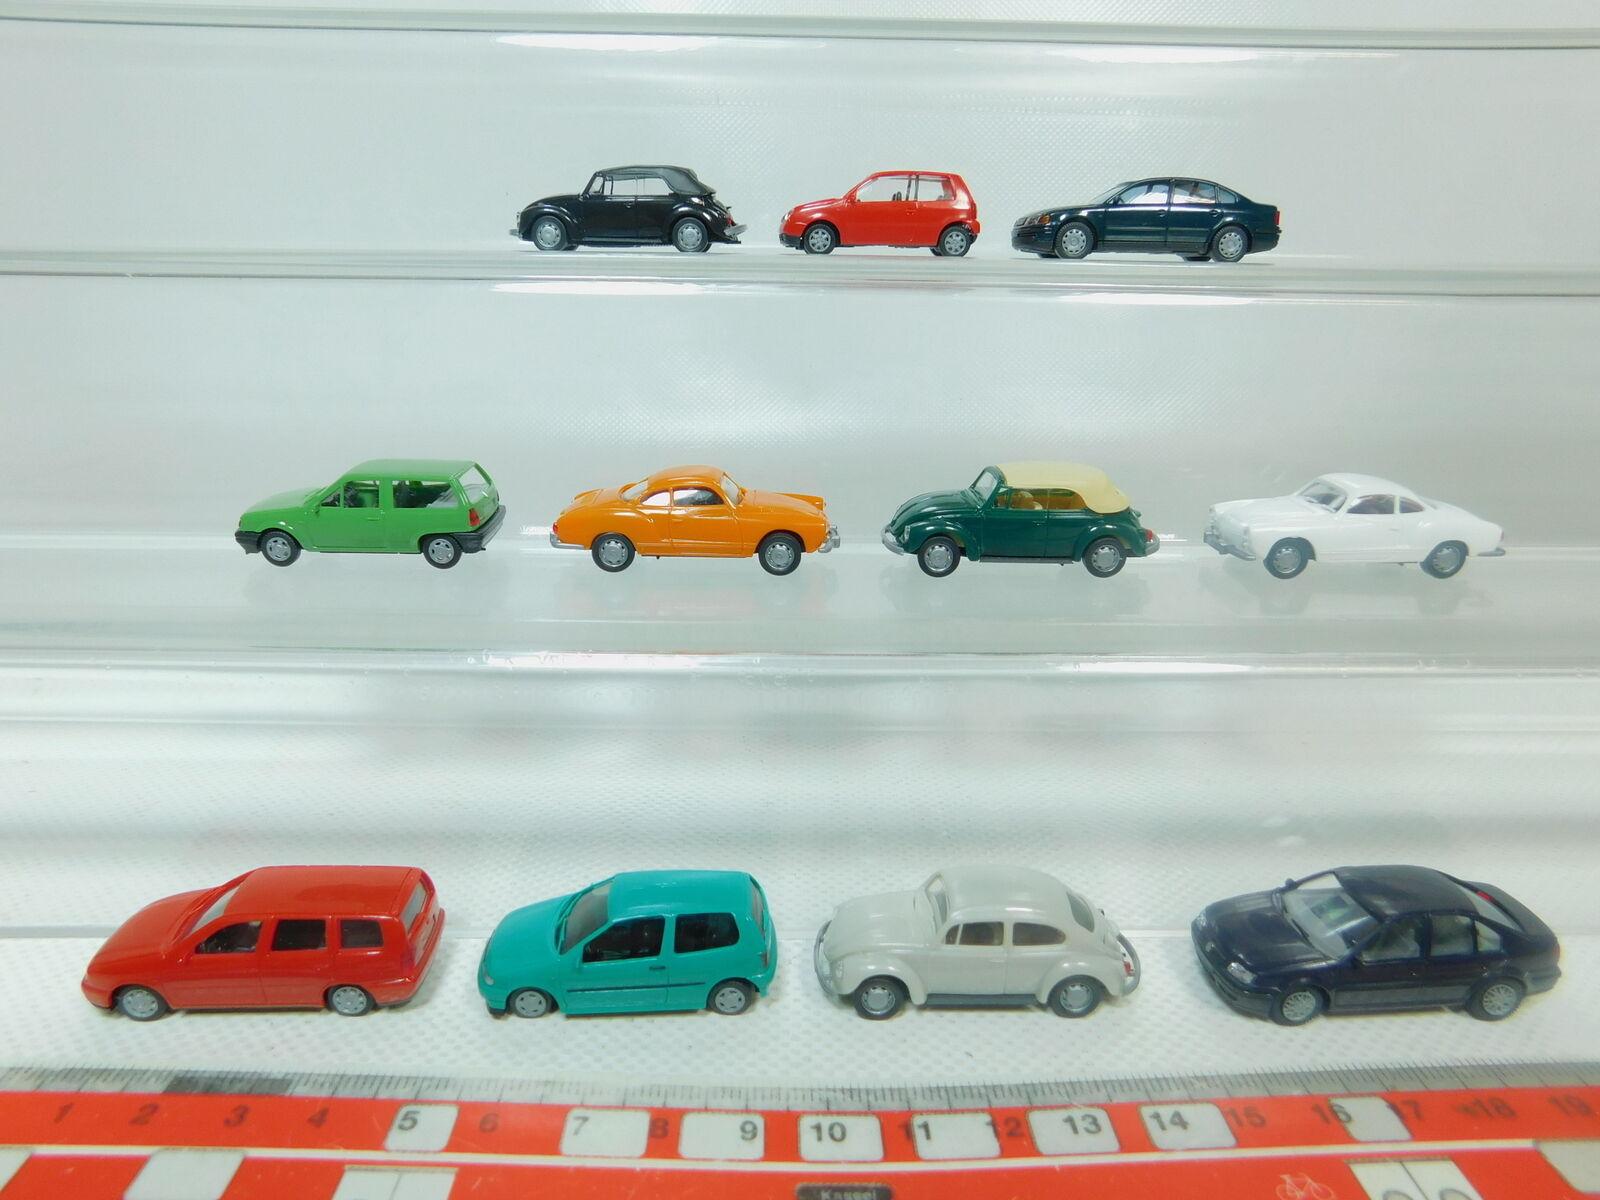 BO949-0,5  11x AMW AWM H0 1 87 PKW VW  Polo+Käfer+Lupo+Karmann Ghia etc, s.g.